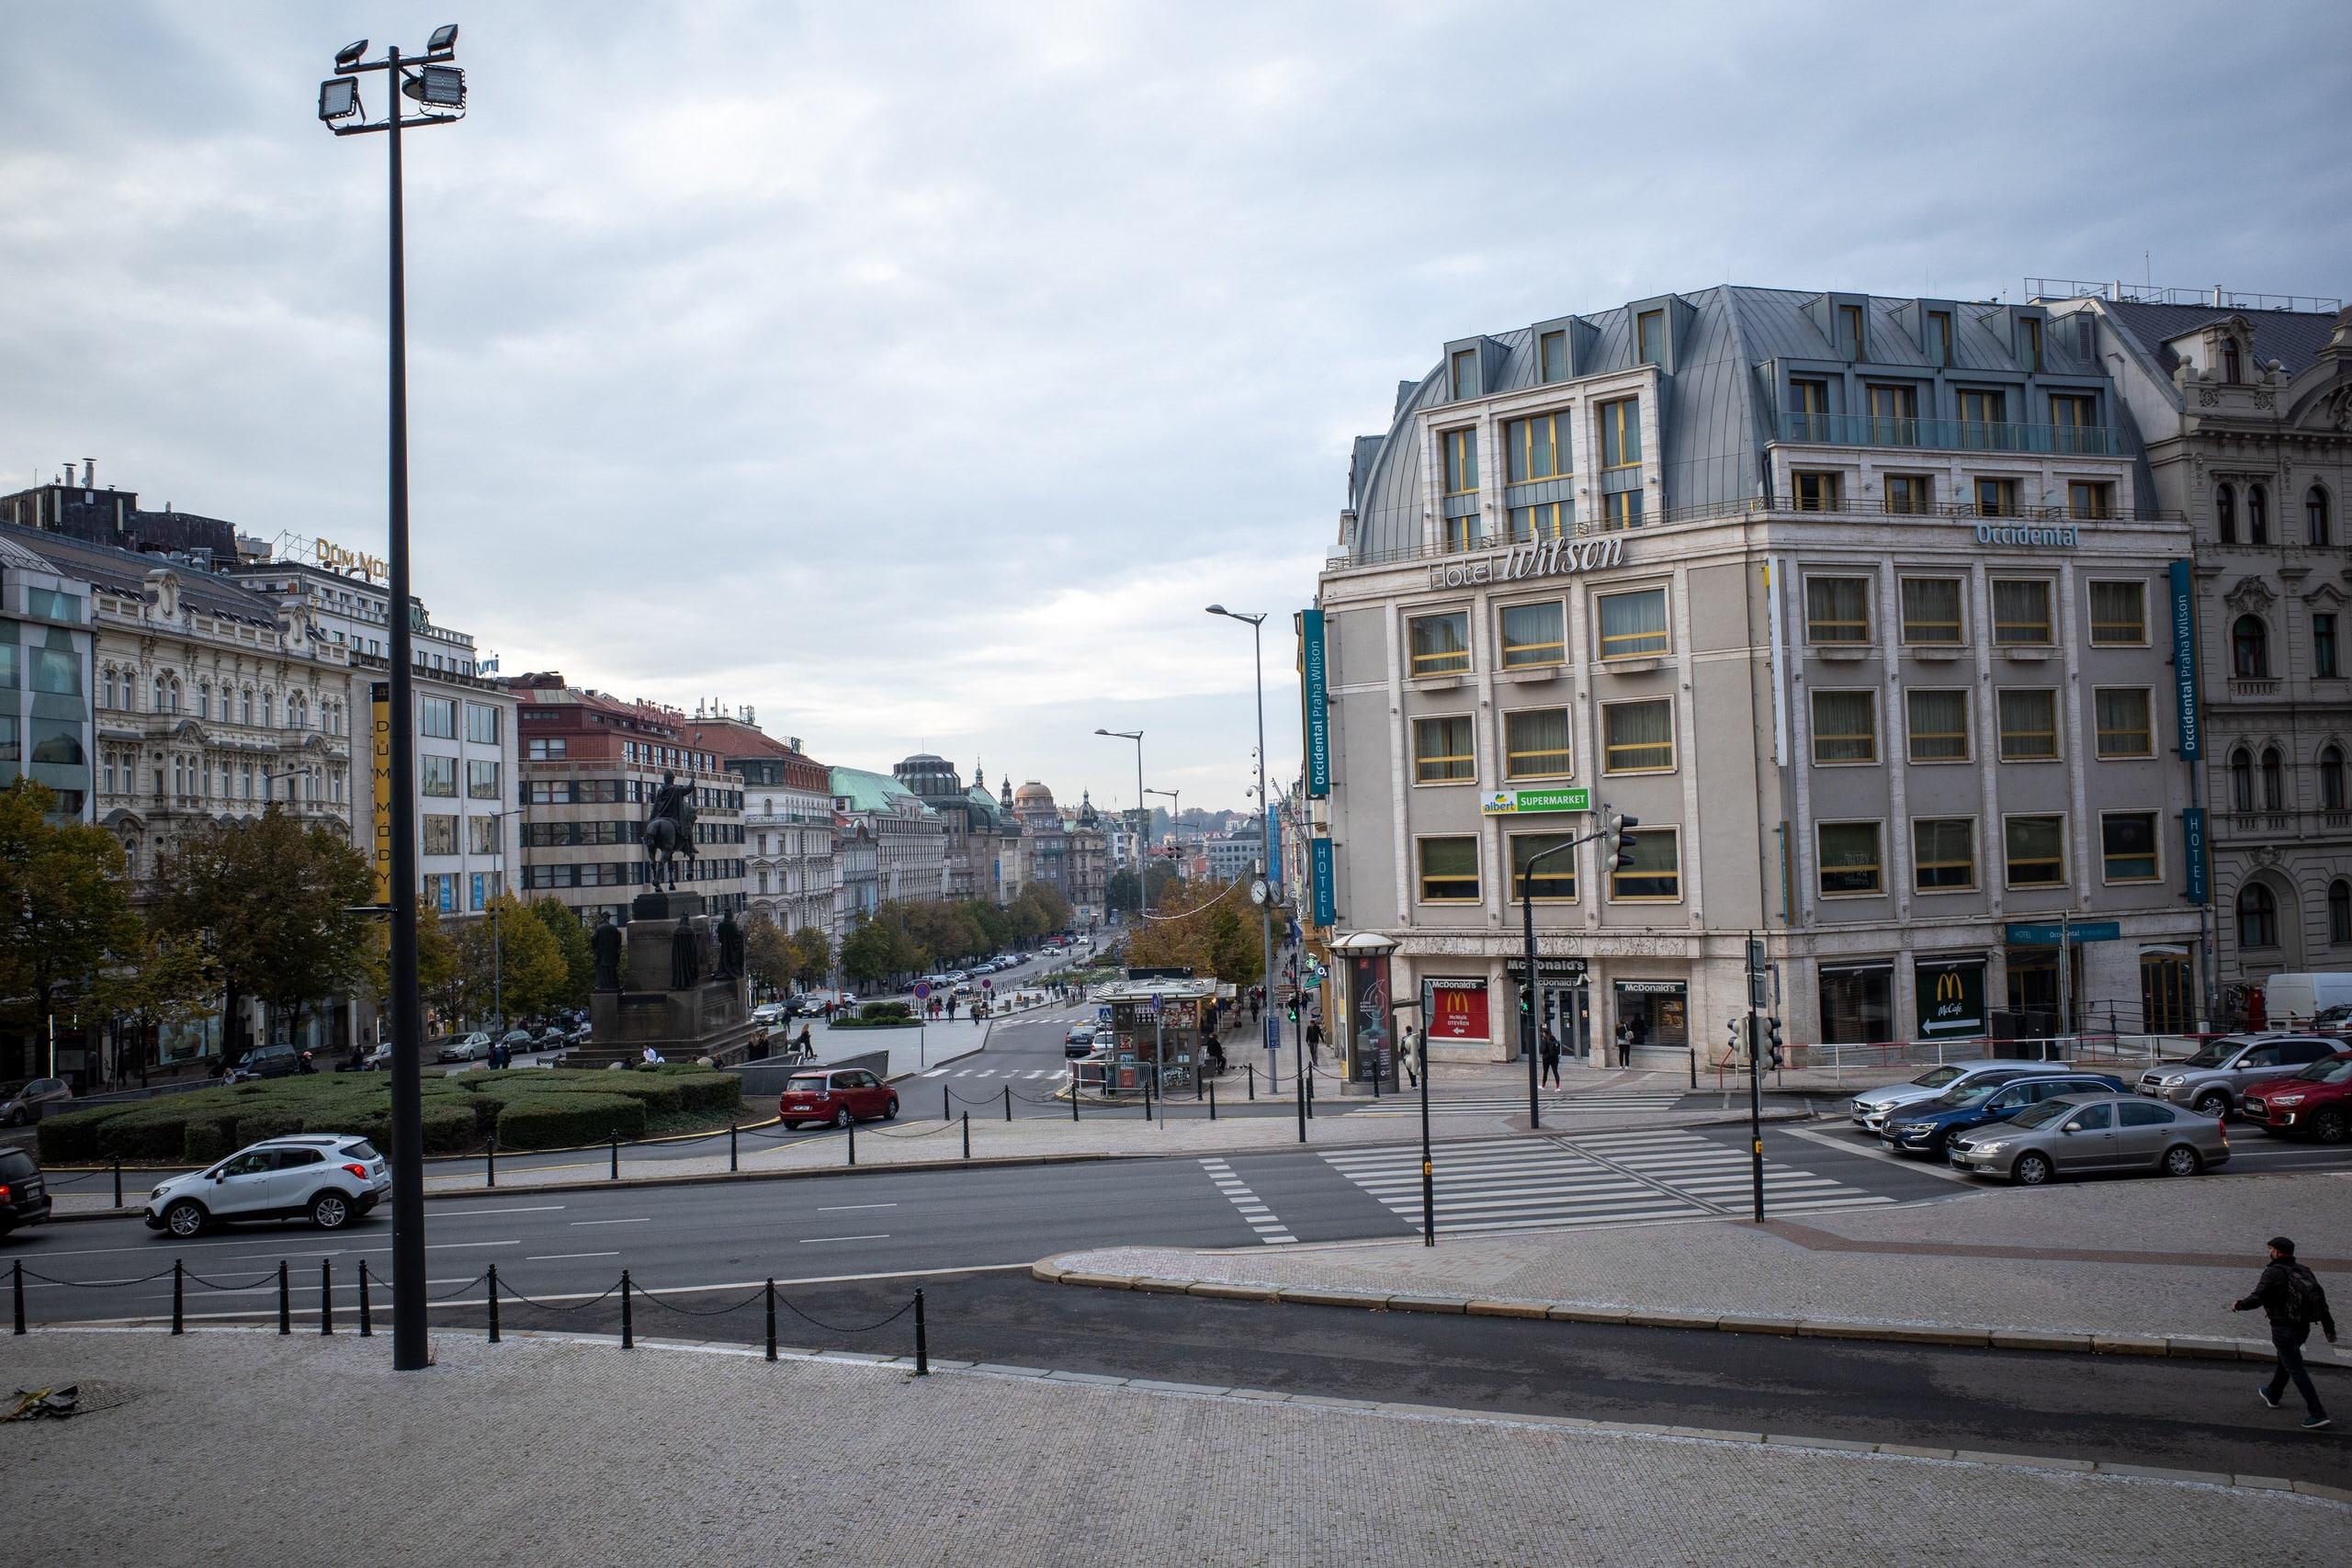 So sánh khả năng chụp ảnh đường phố của iPhone 12 và Ricoh GR III